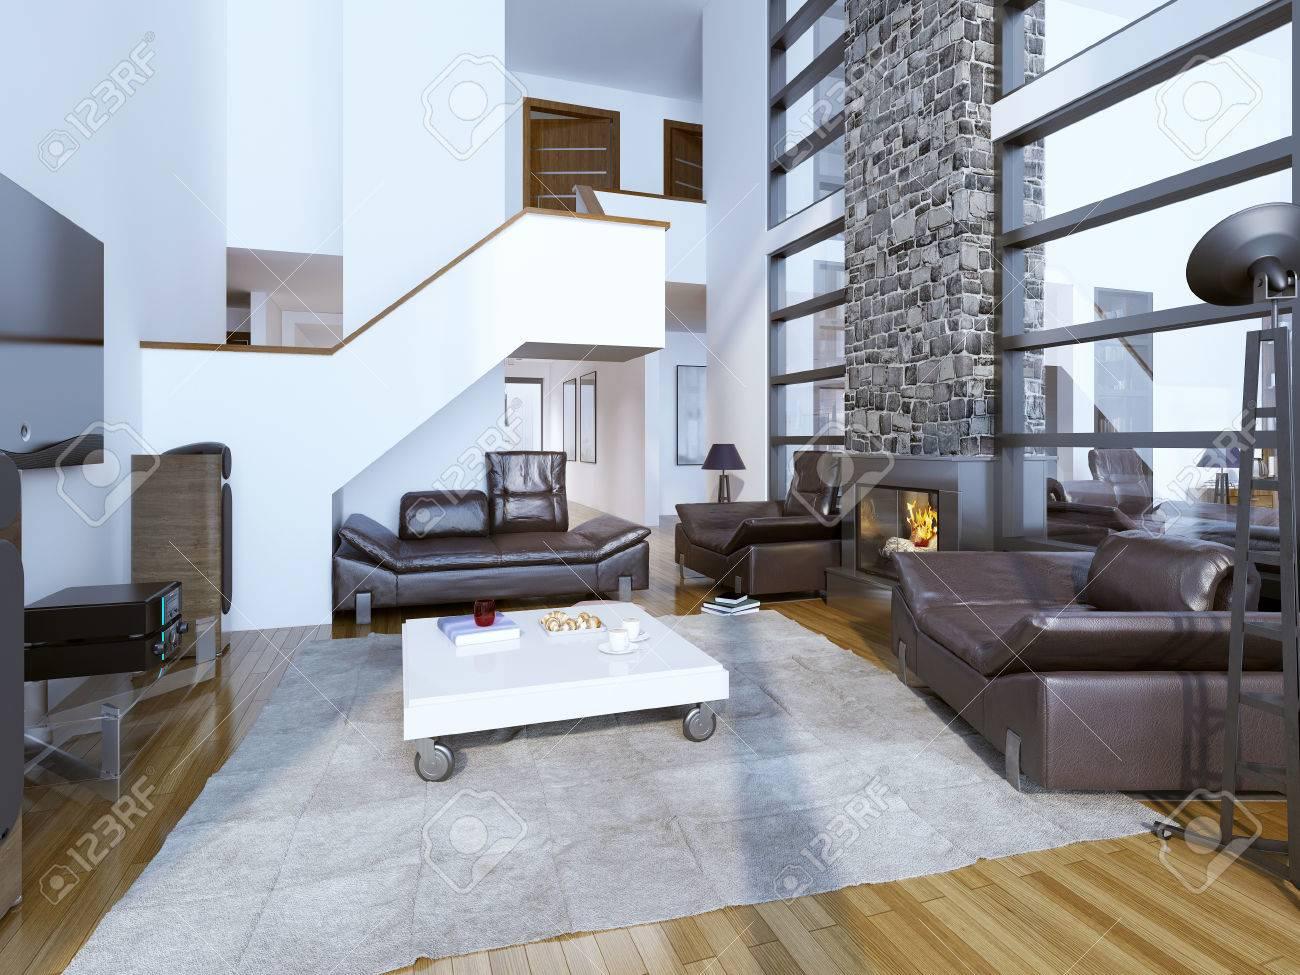 Full Size of Design Of Cozy Modern Living Room Wohnzimmer Wohnzimmer Decken